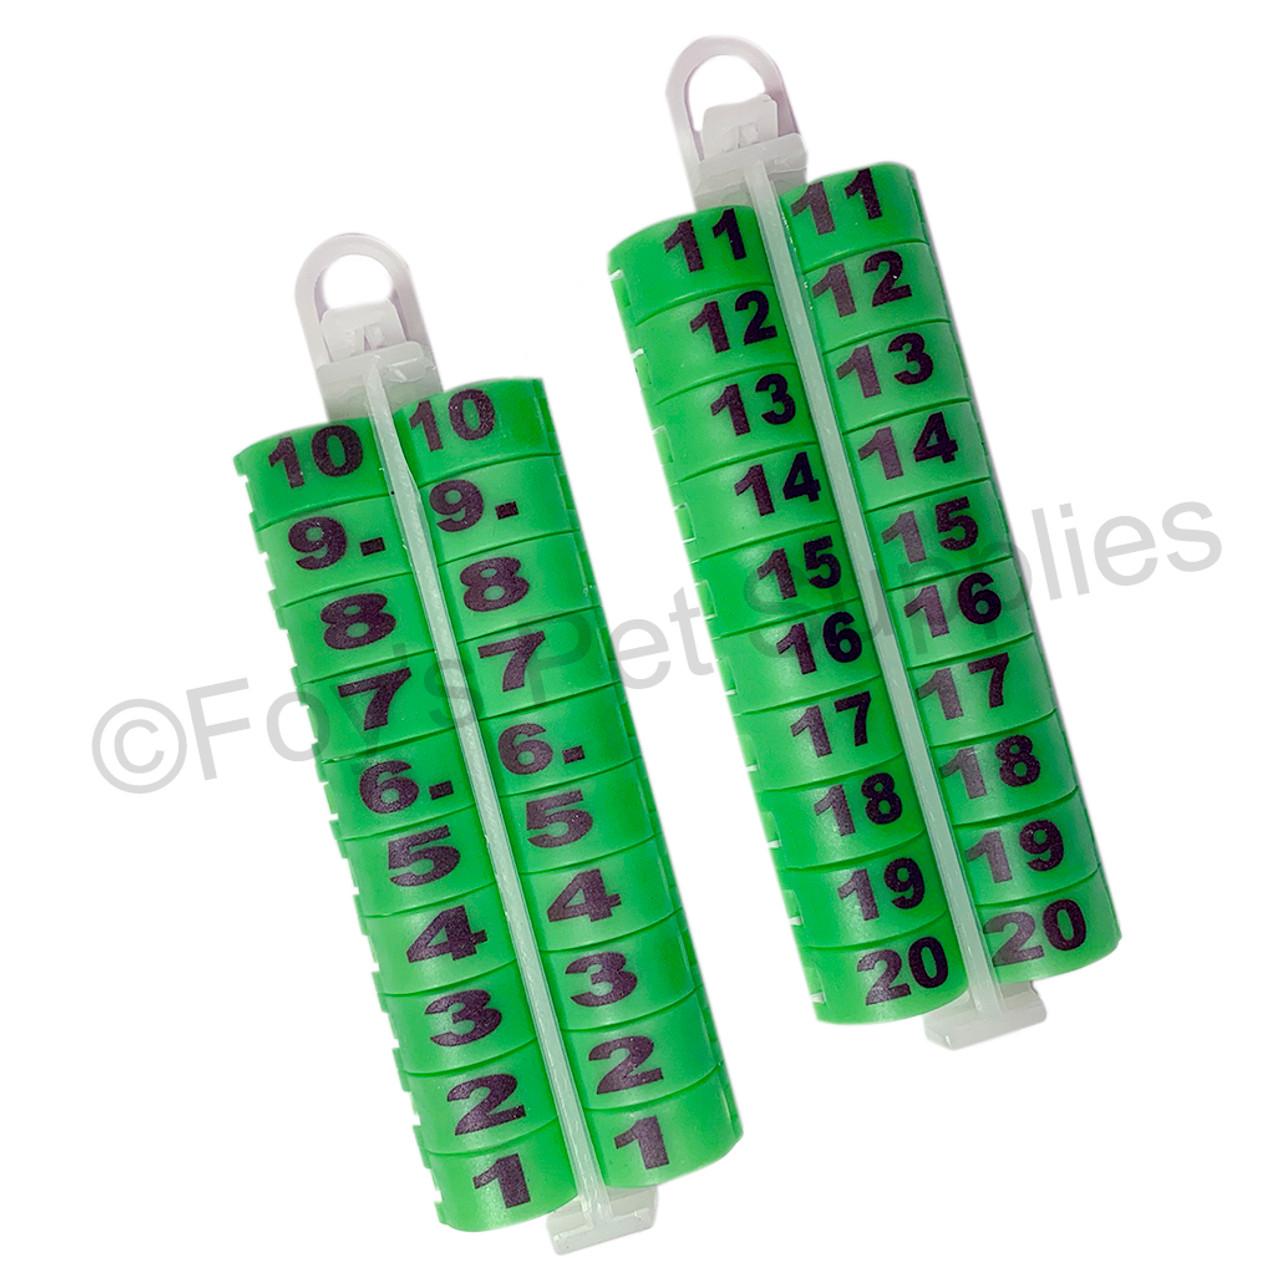 E-Z LOCKRINGS W/ NUMBERS 1 - 20 (14 MM)